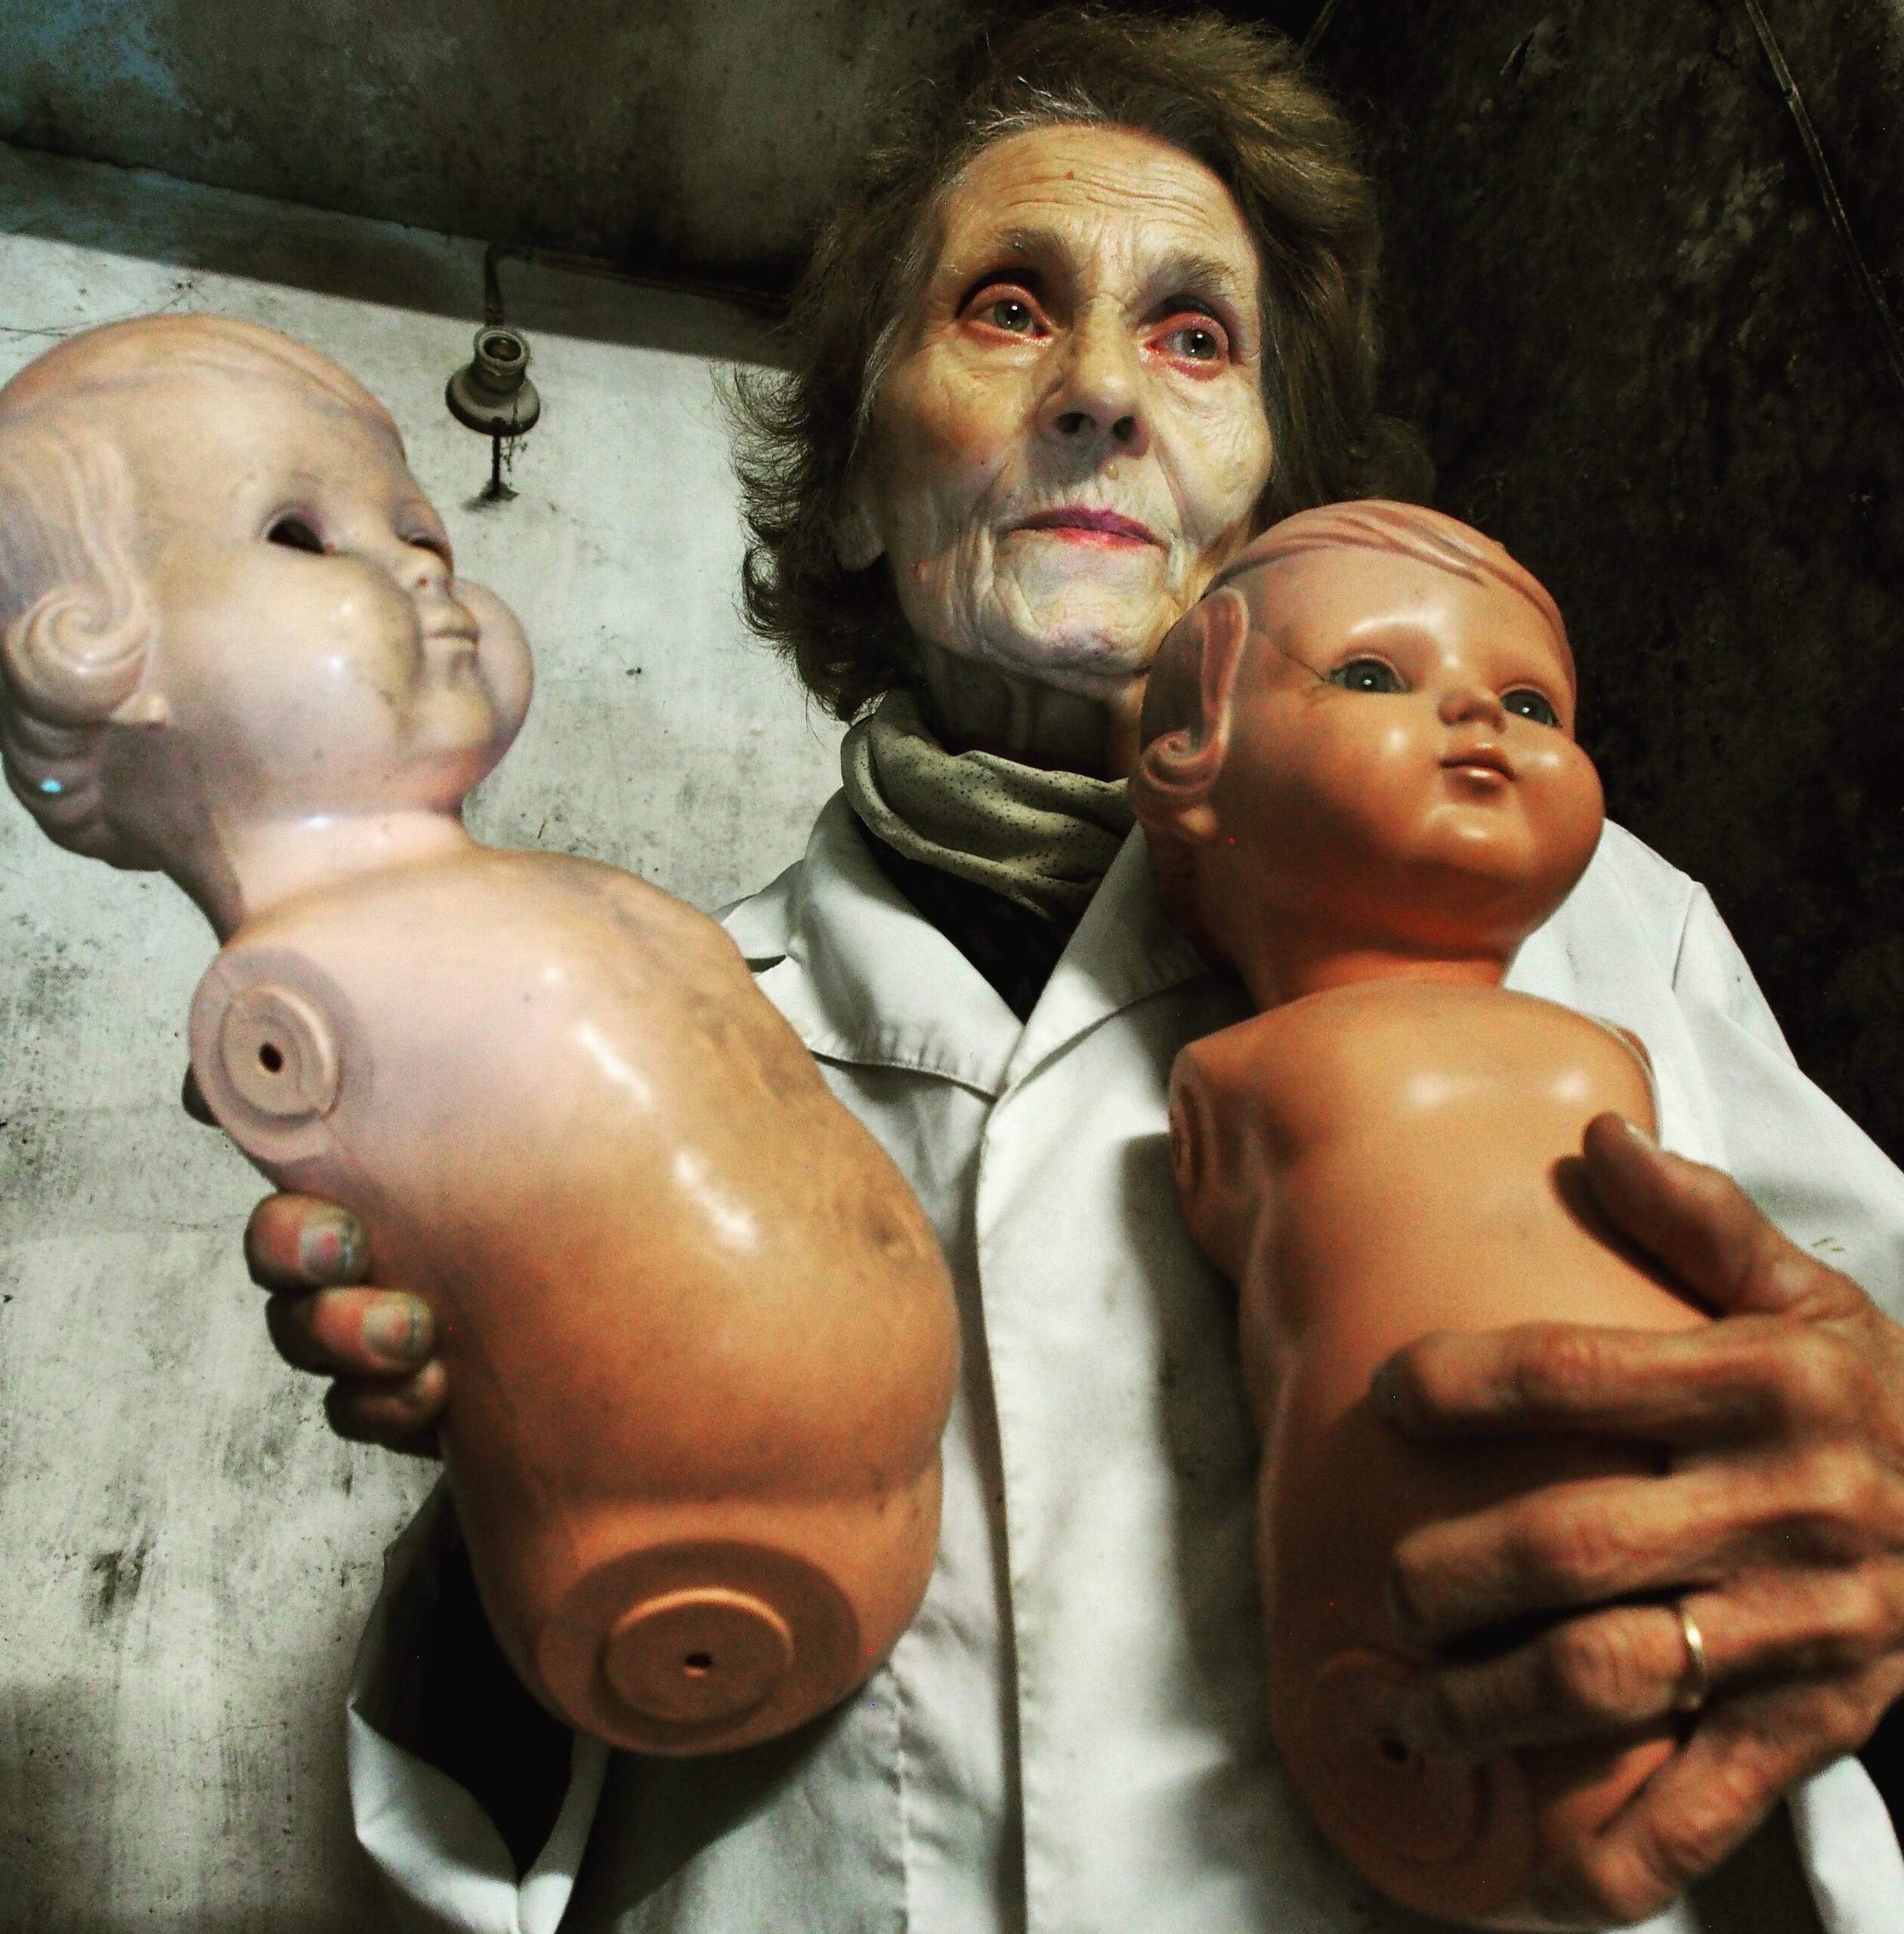 L'hôpital des poupées#01 2020 stampa Fine Art 40x30 cm